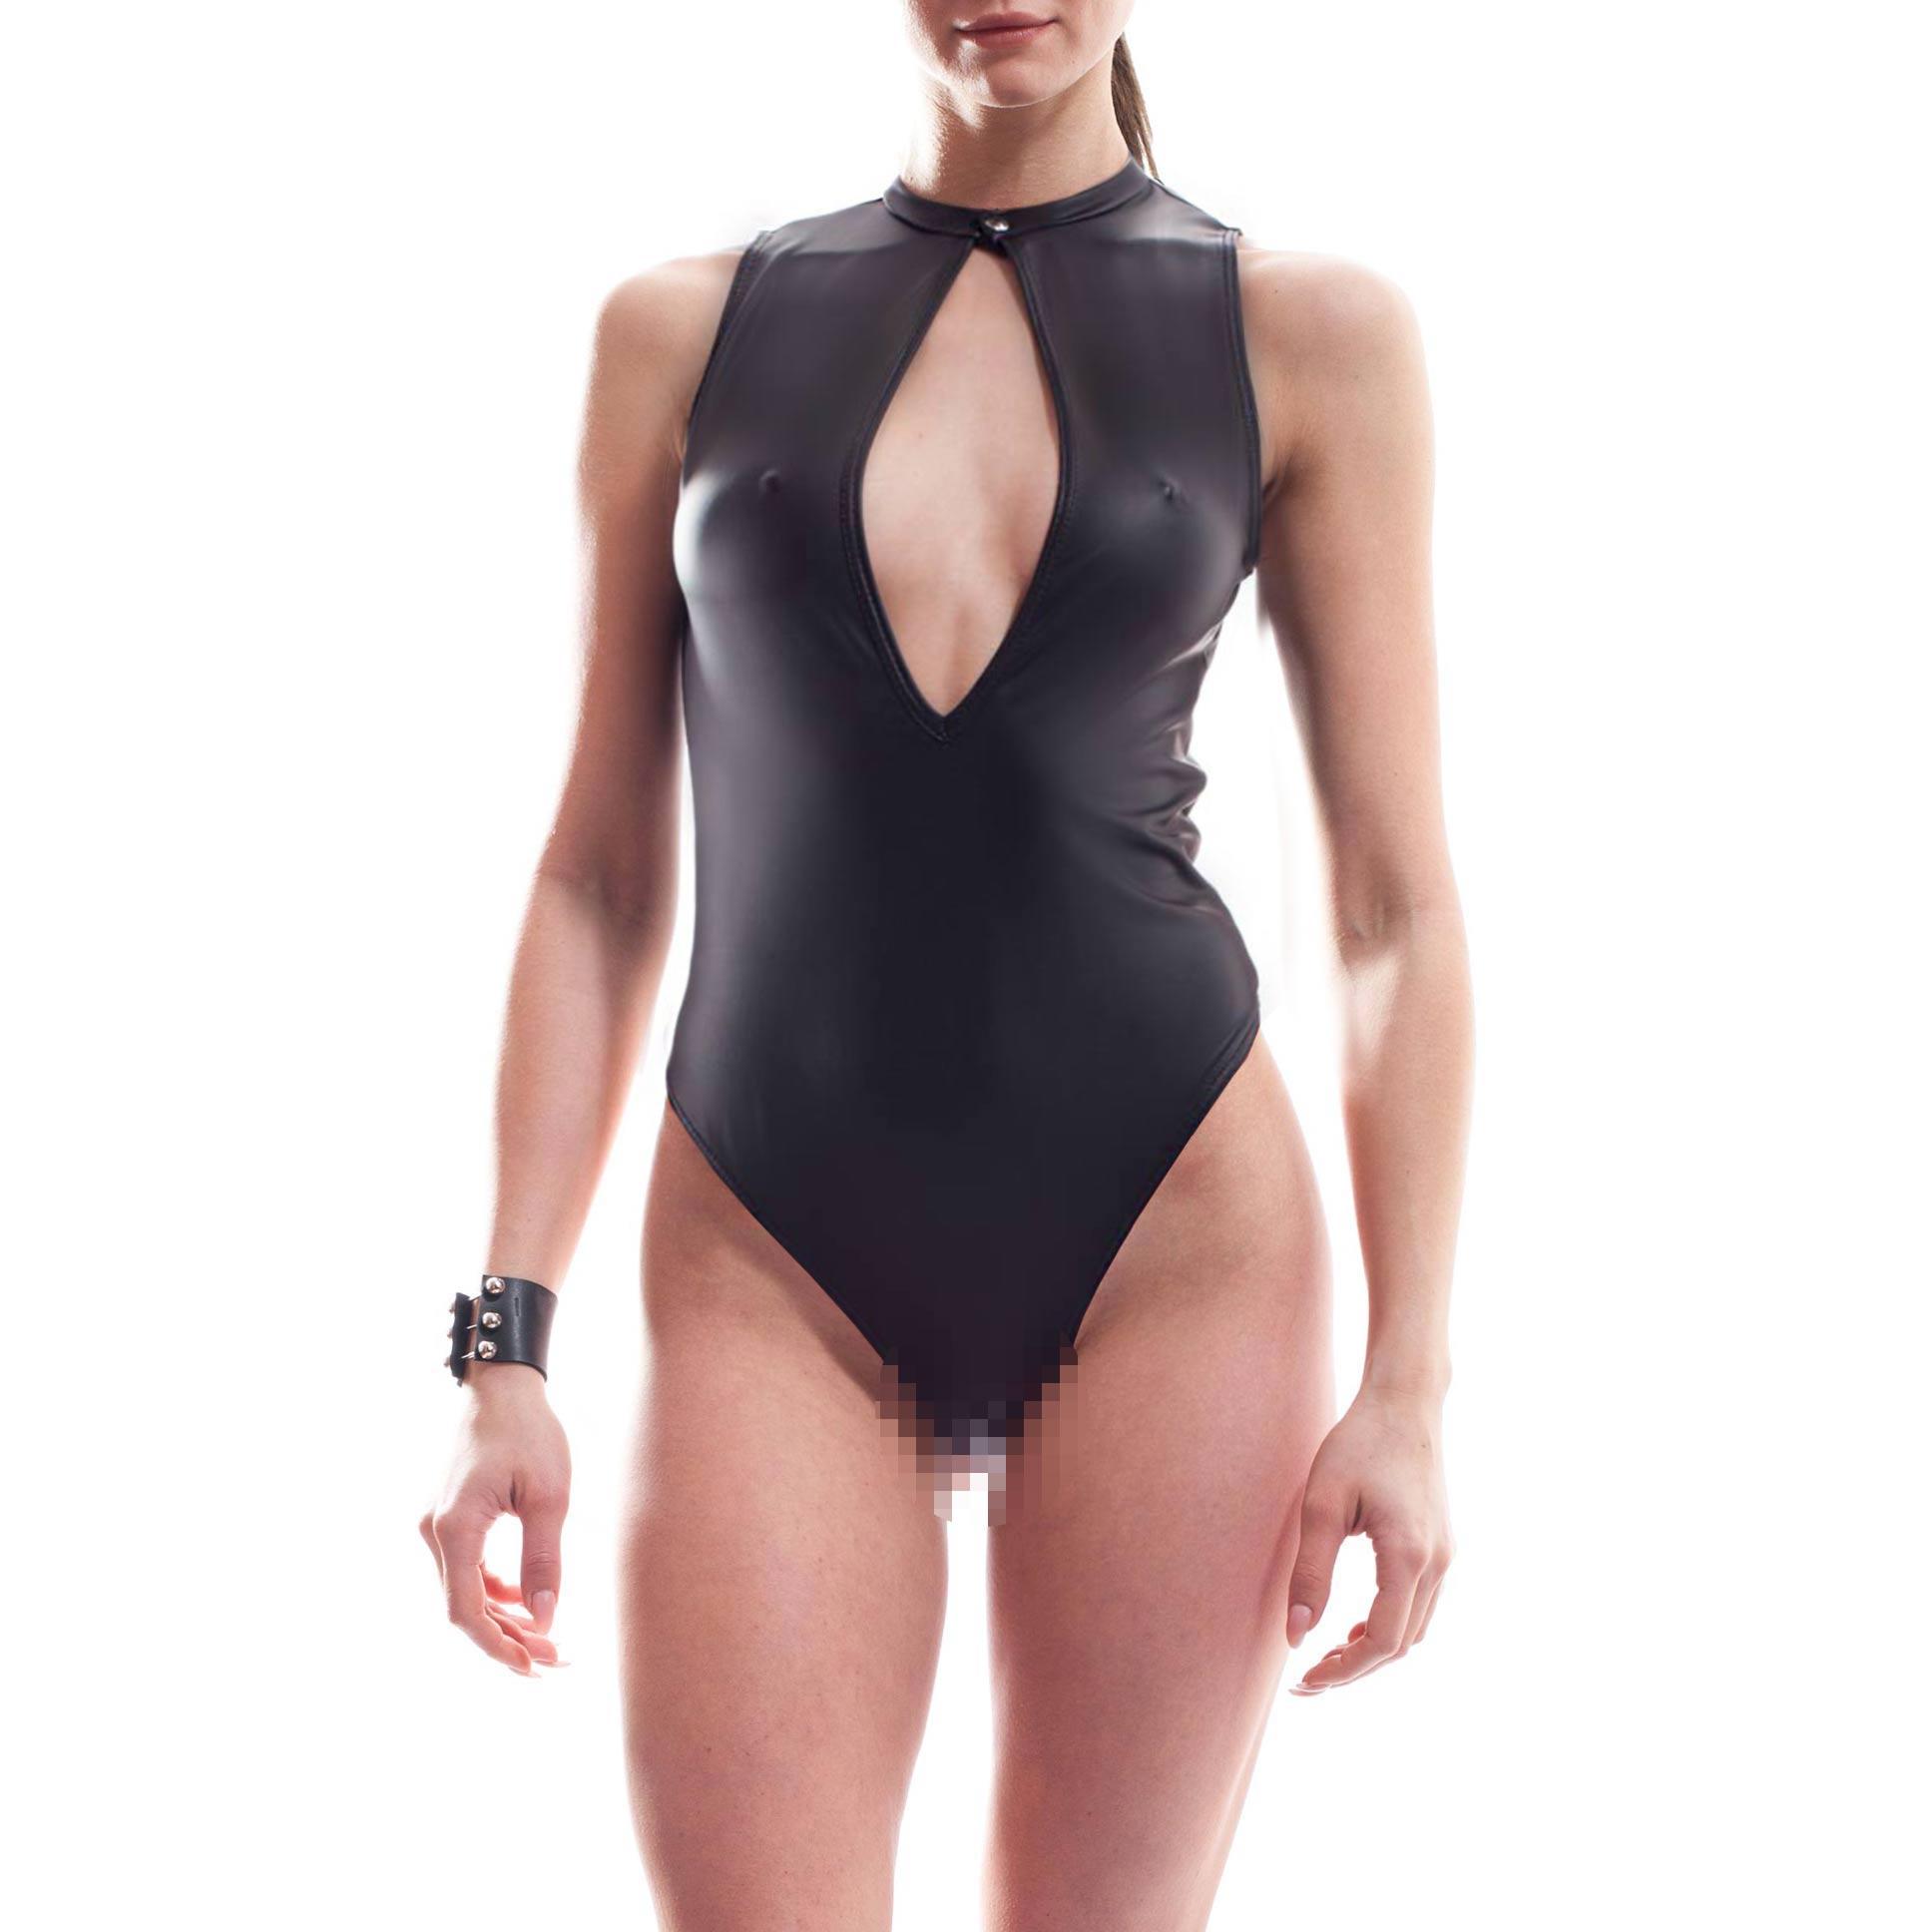 Dieser Frauen Ouverte Body gehört zu den Wojoer LIVE-Produkten. Sie werden ab Bestellung bei uns produziert. So können wir auf Kundenwünsche individuell eingehen. Größen Erhältlich in den Größen 32-42 Materialzusammensetzung Leatherlike: 92% Polyester | 8% Elasthan Besonderheiten LIVE Produkt | frontaler Ouvert Schlitz im Schritt |…